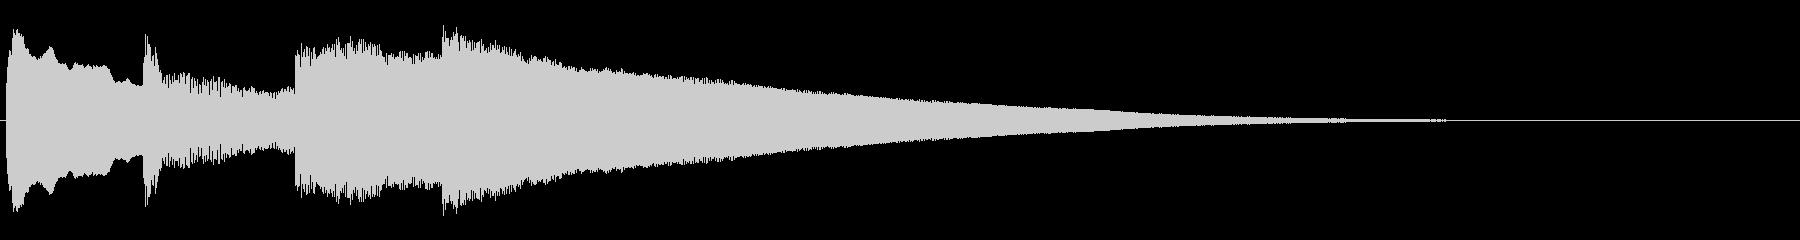 アナウンス前 チャイム-5_rev-1の未再生の波形